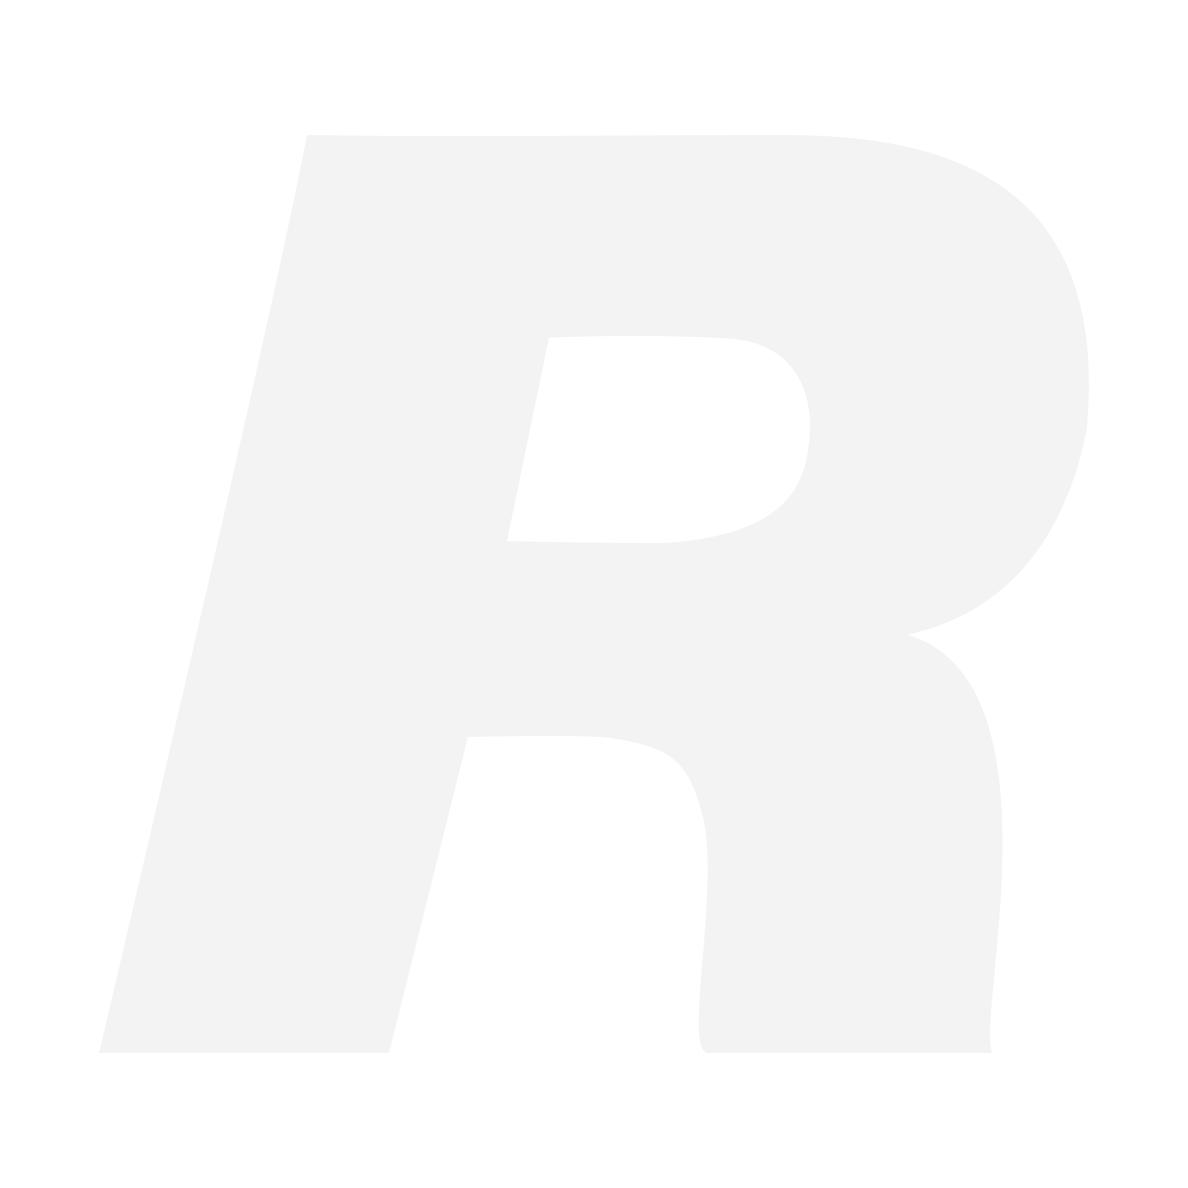 LEITZ SUMMICRON-R 50/2 KÄYTETTY